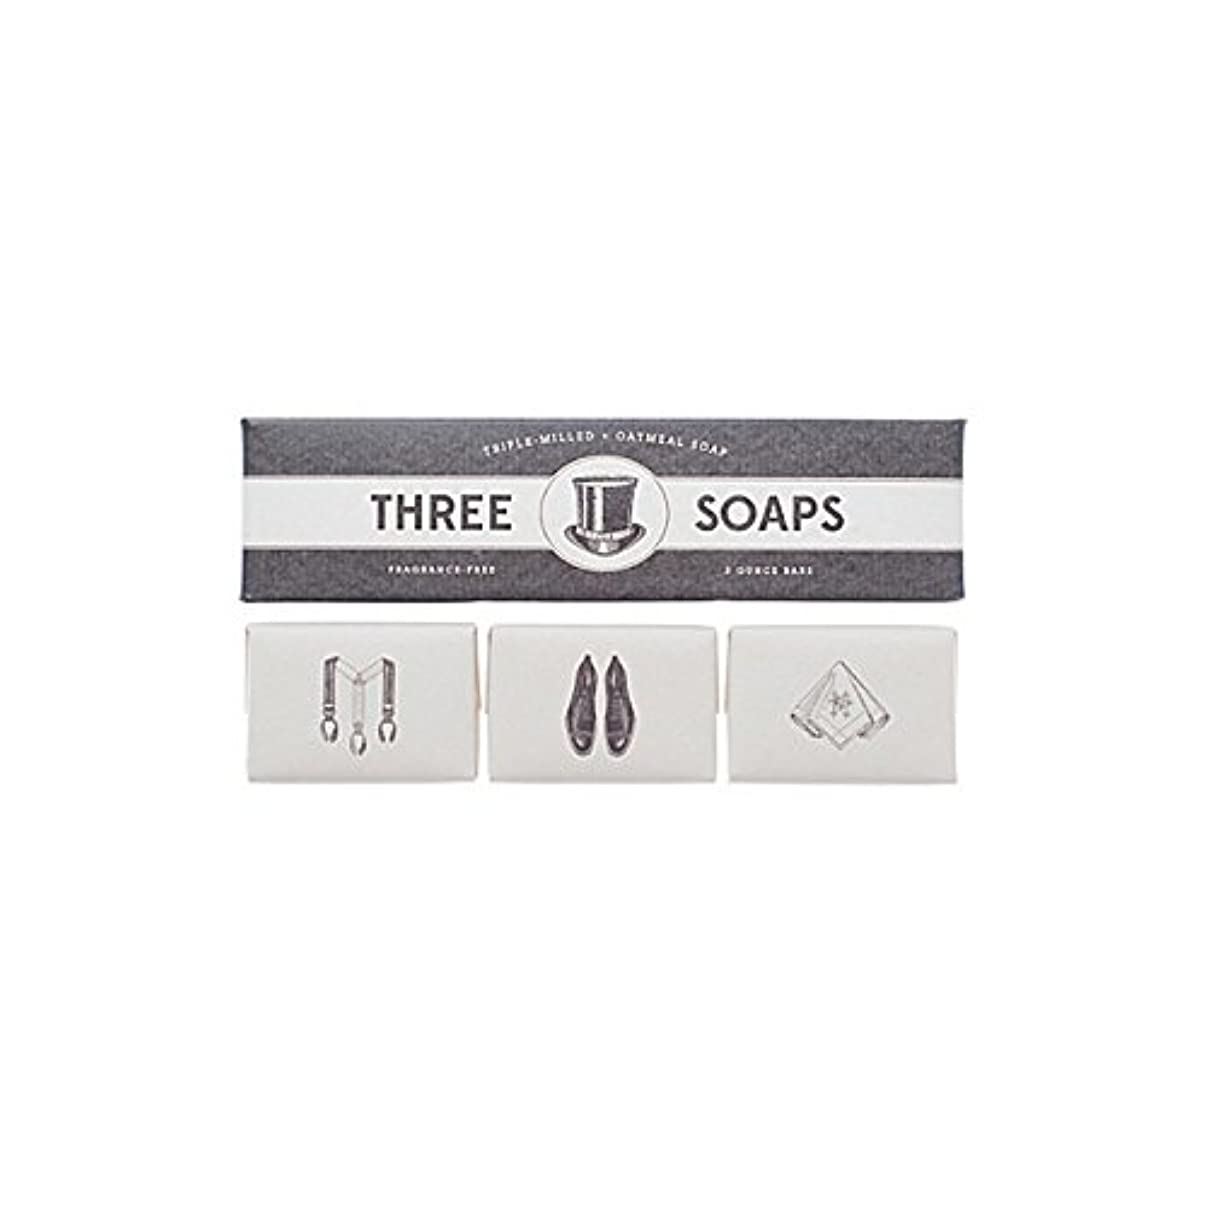 石鹸のイゾラトリオ x2 - Izola Trio Of Soaps (Pack of 2) [並行輸入品]